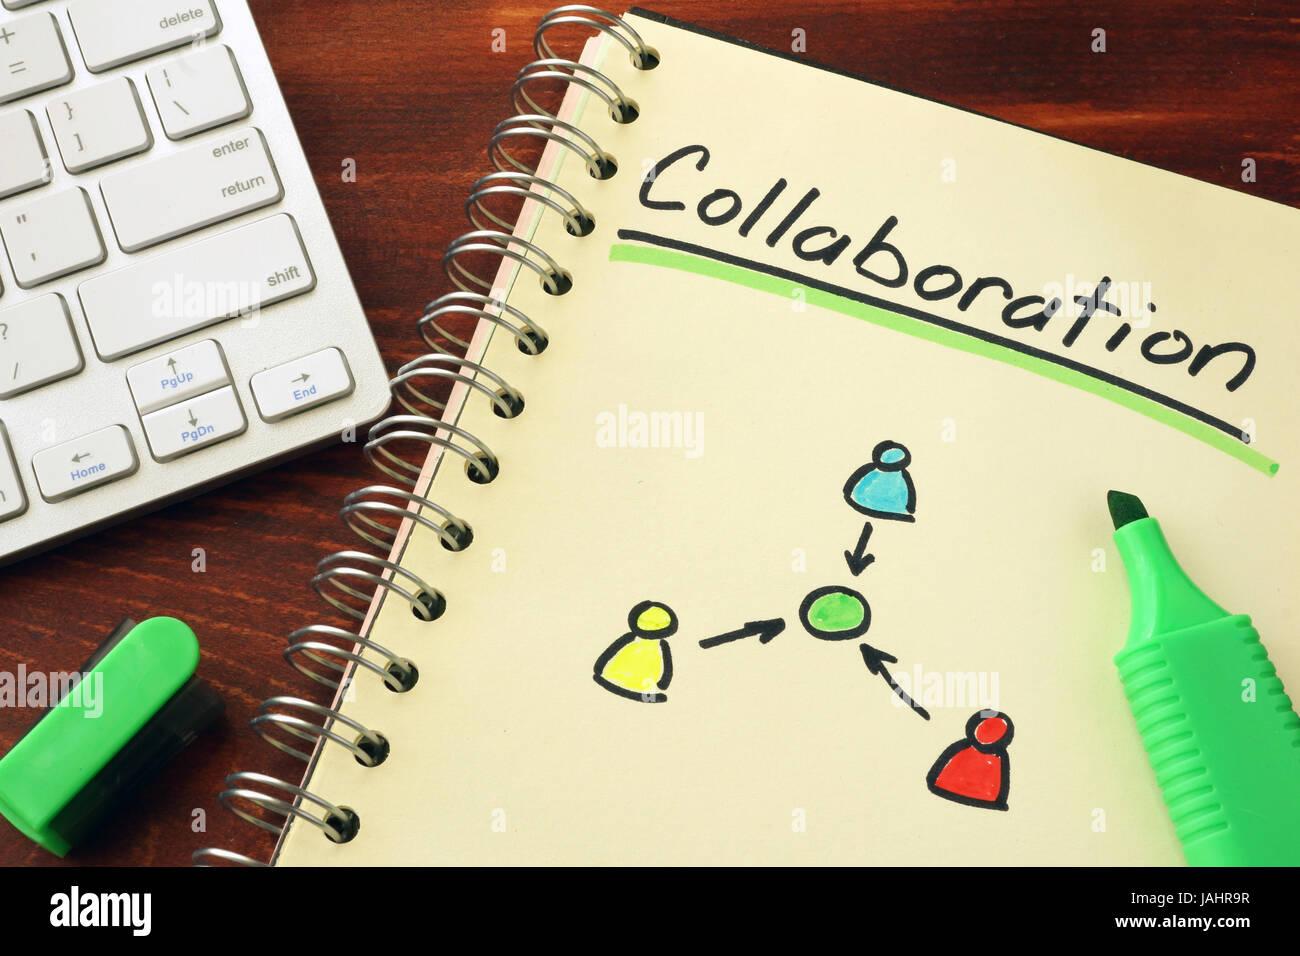 Blocco note con la collaborazione di parola. La cooperazione del lavoro di squadra concetto. Immagini Stock